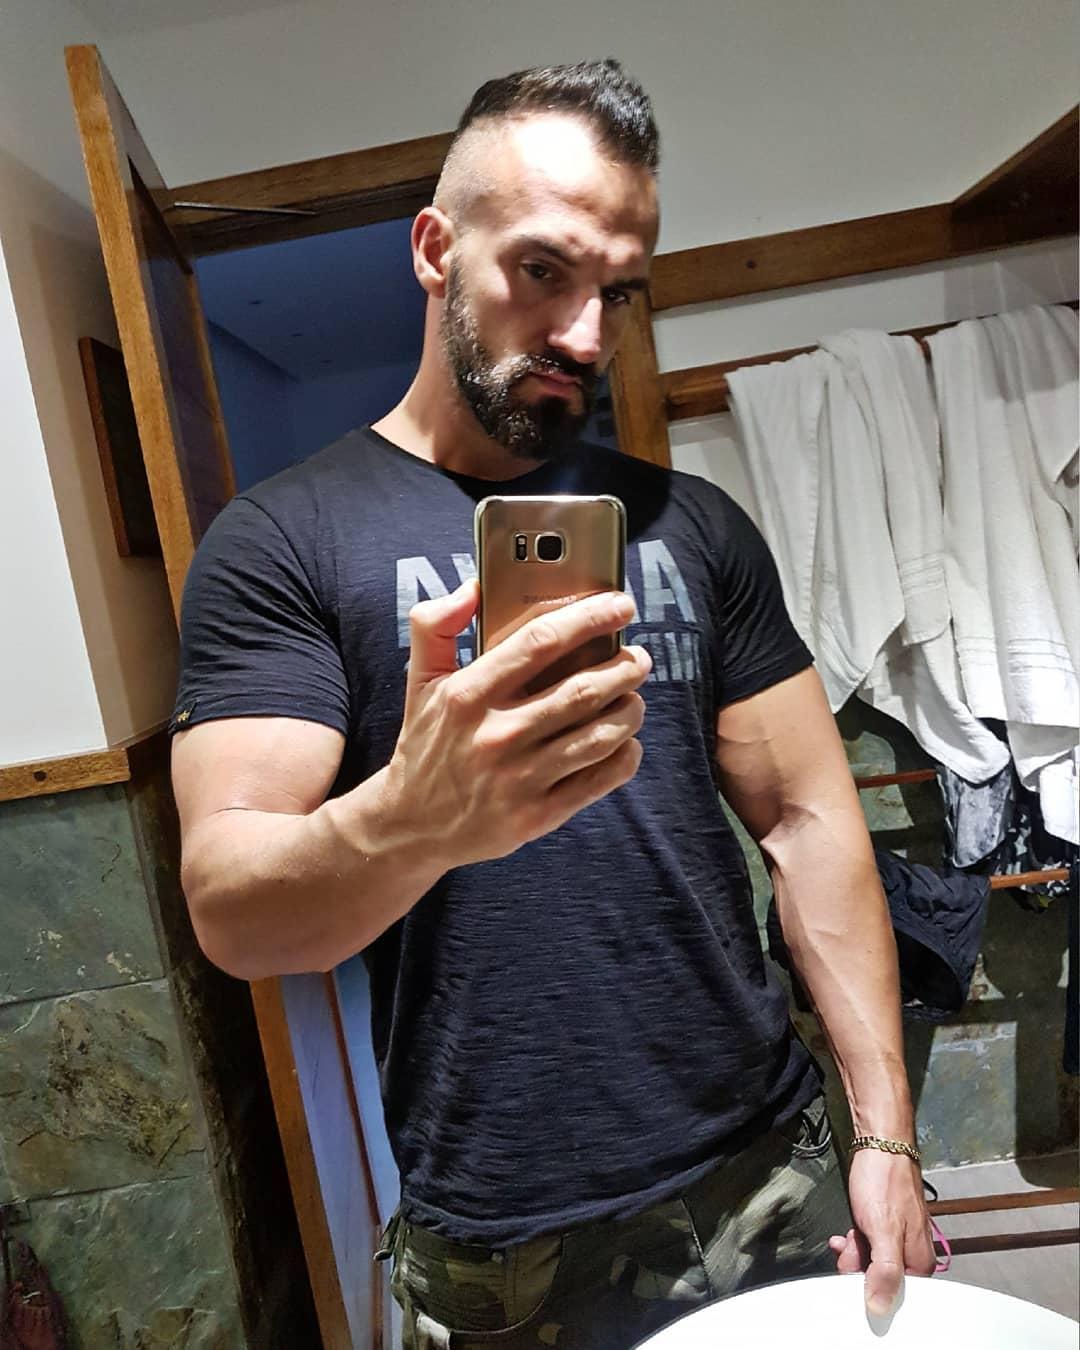 Der Urlaub neigt sich dem Ende und ich habe so langsam wieder Lust das Gym zu zerstören… 💣💪🏻✌🏻 Wer ist dabei? . #fitness #fit #fitfam #bodybuilding #selfie #me #mcfit #johnreed #berlin #motivation  #shoulders #arms #sport #lifestyle #body #muscles #pump #pumped #german #maldives #hanimaadhoo #holiday #gym #nopainnogain #fitnessmotivation #potd #followme #beard #alphaindustries